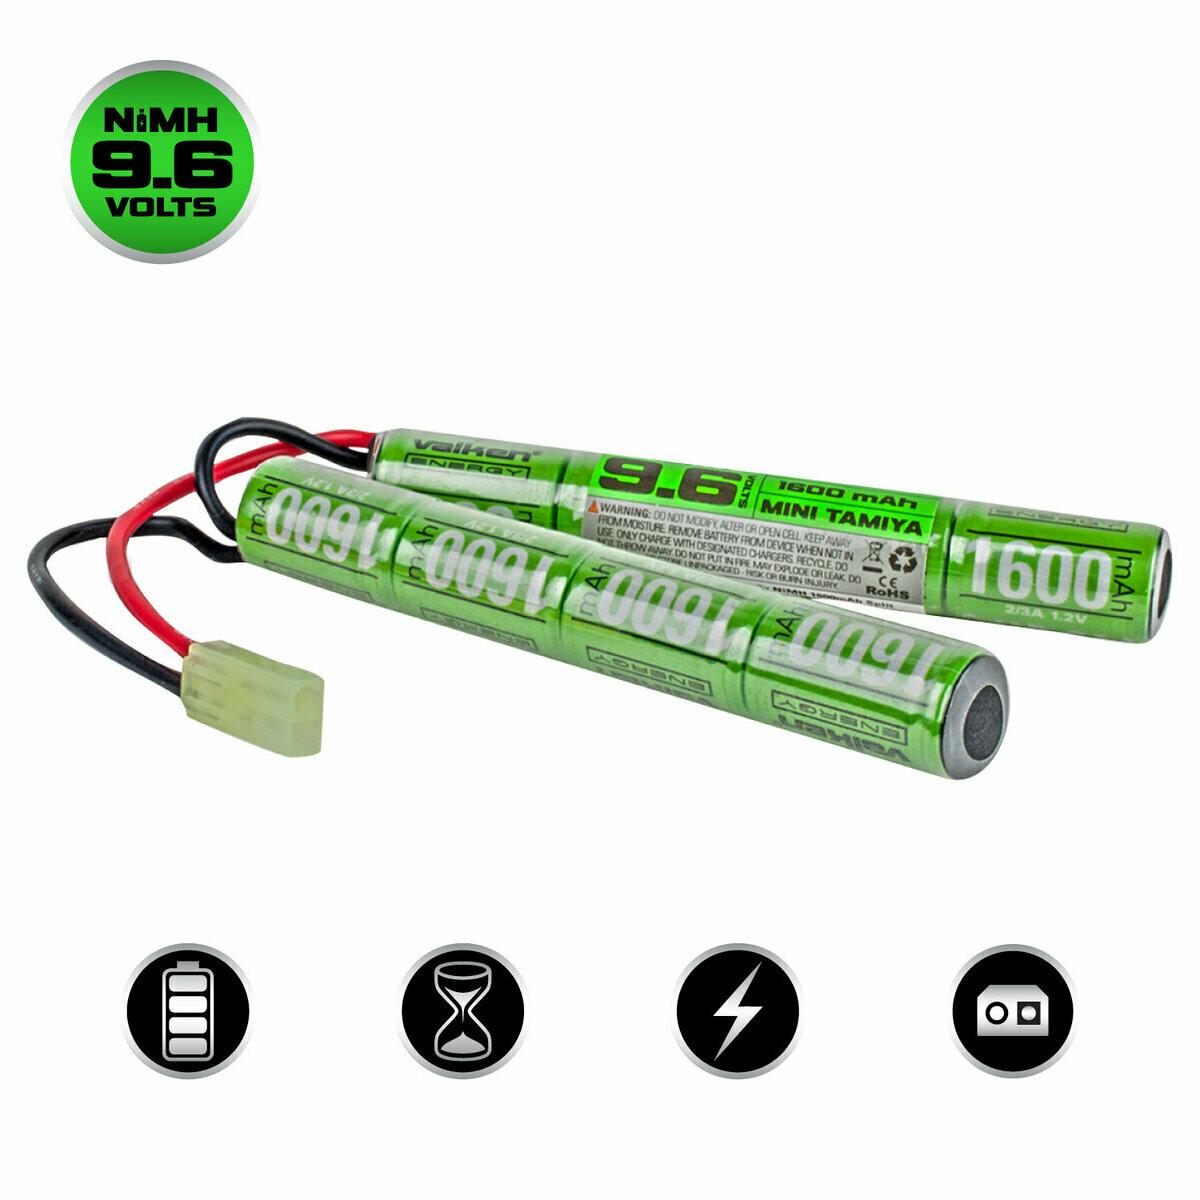 Valken NiMh 9.6V 1600mAh Split Airsoft Battery (Small Tamiya)